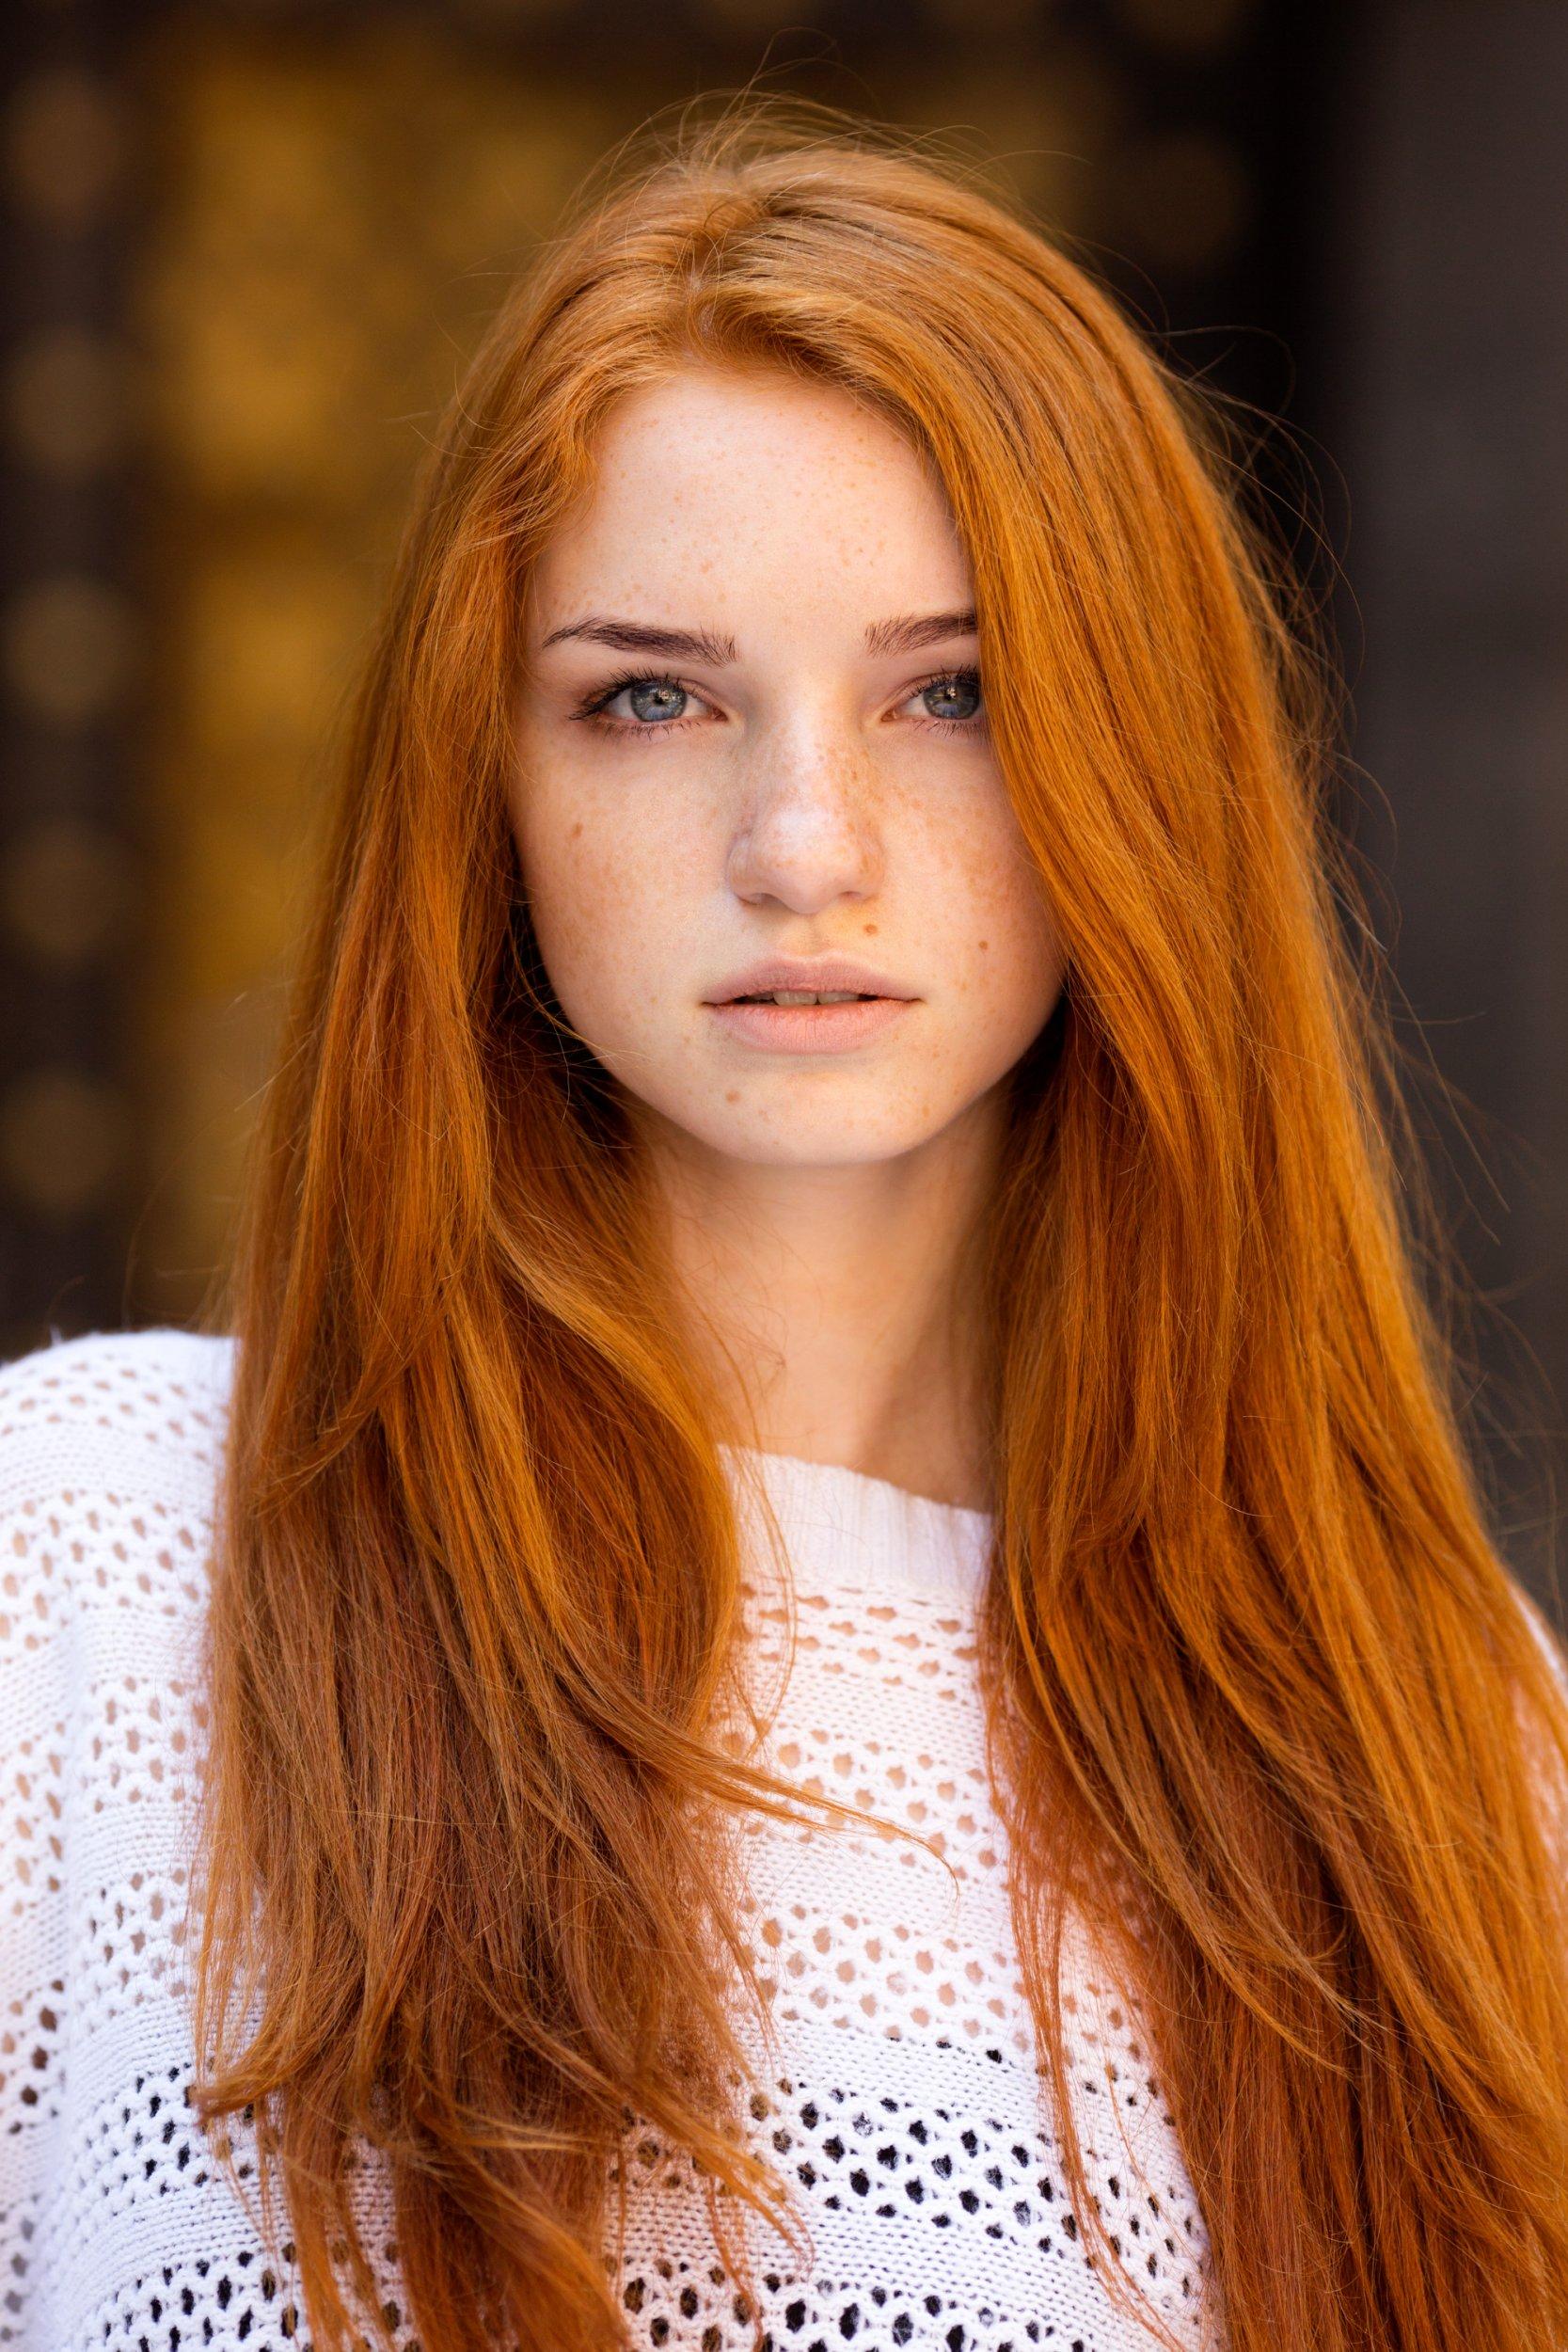 Интересный макияж для рыжей с серыми глазами